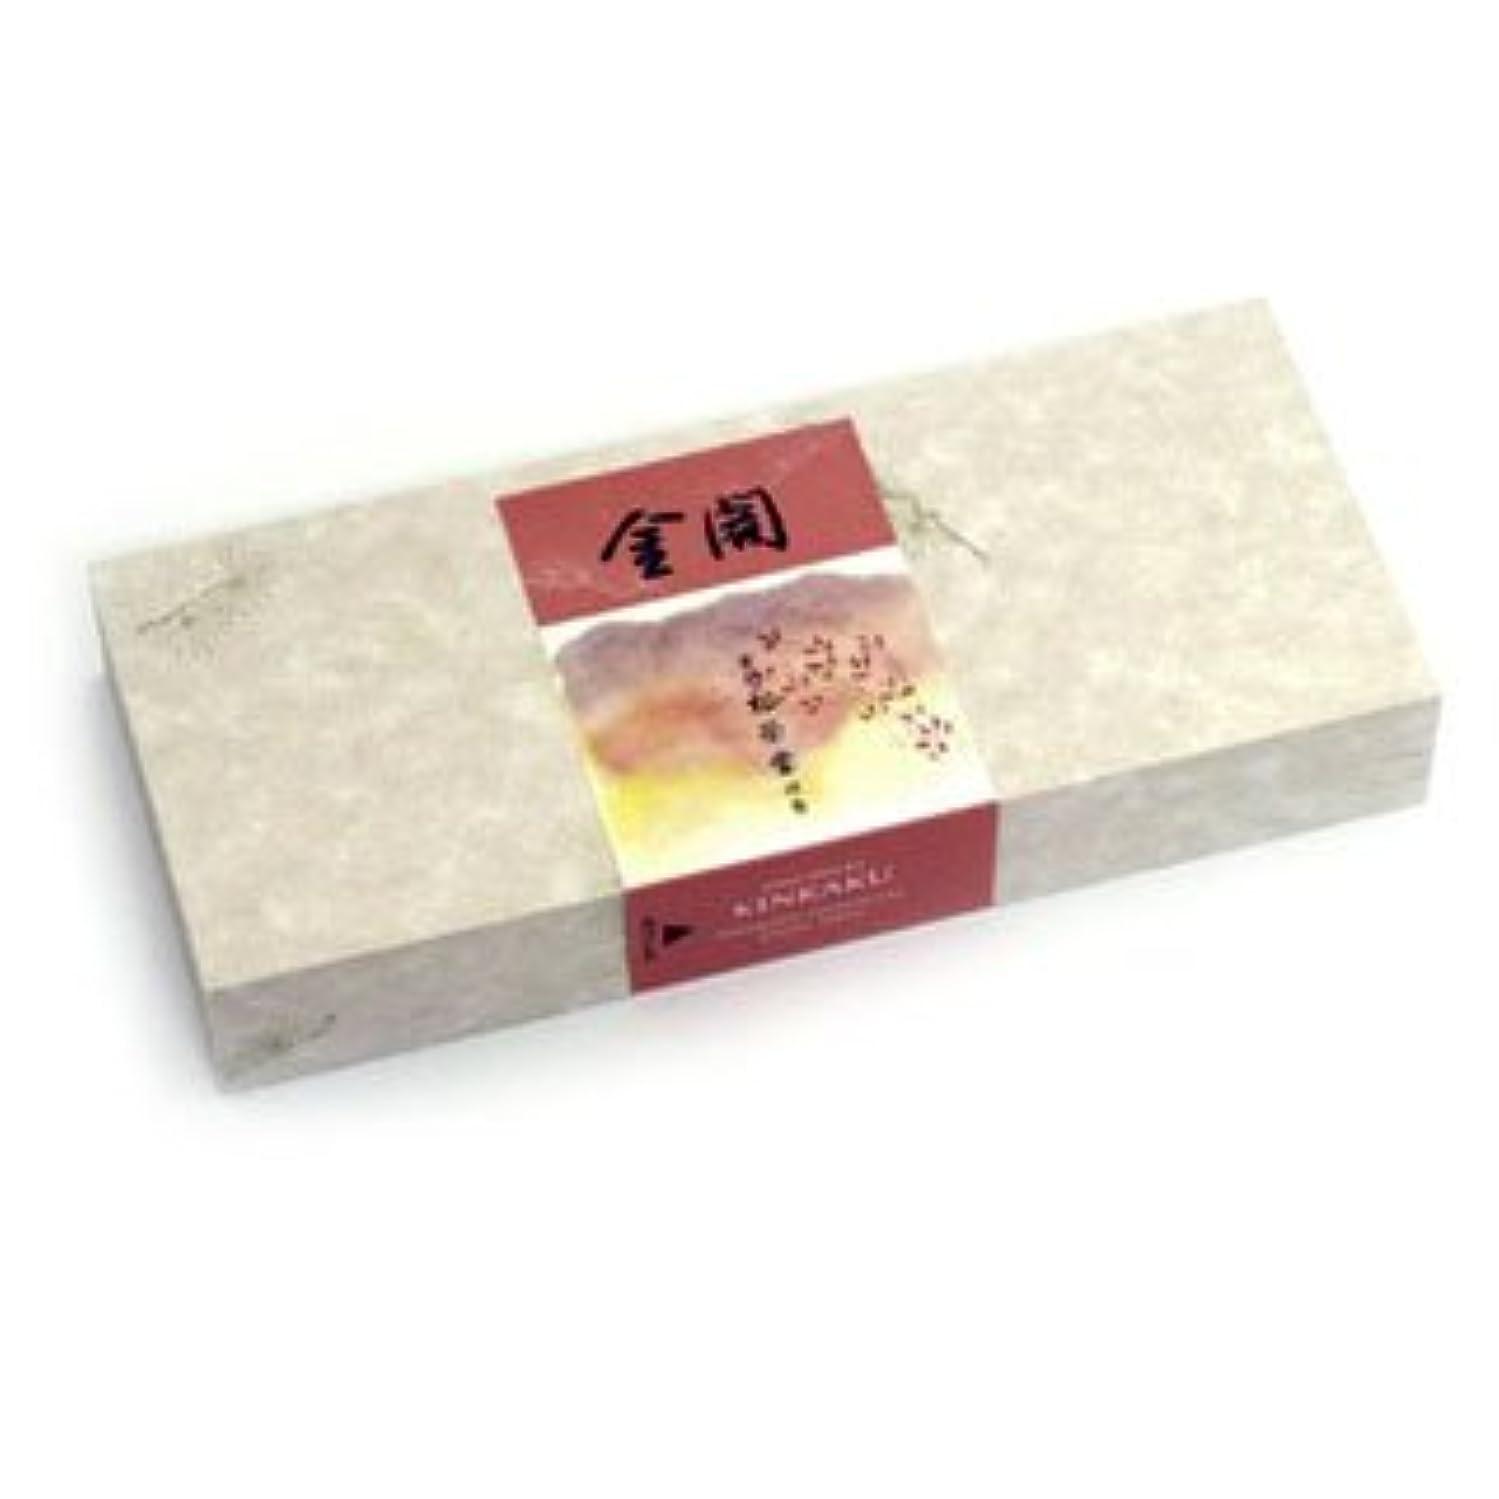 トマト息切れ死すべきShoyeido 's Golden Pavilion Incense、150 sticks – kin-kaku